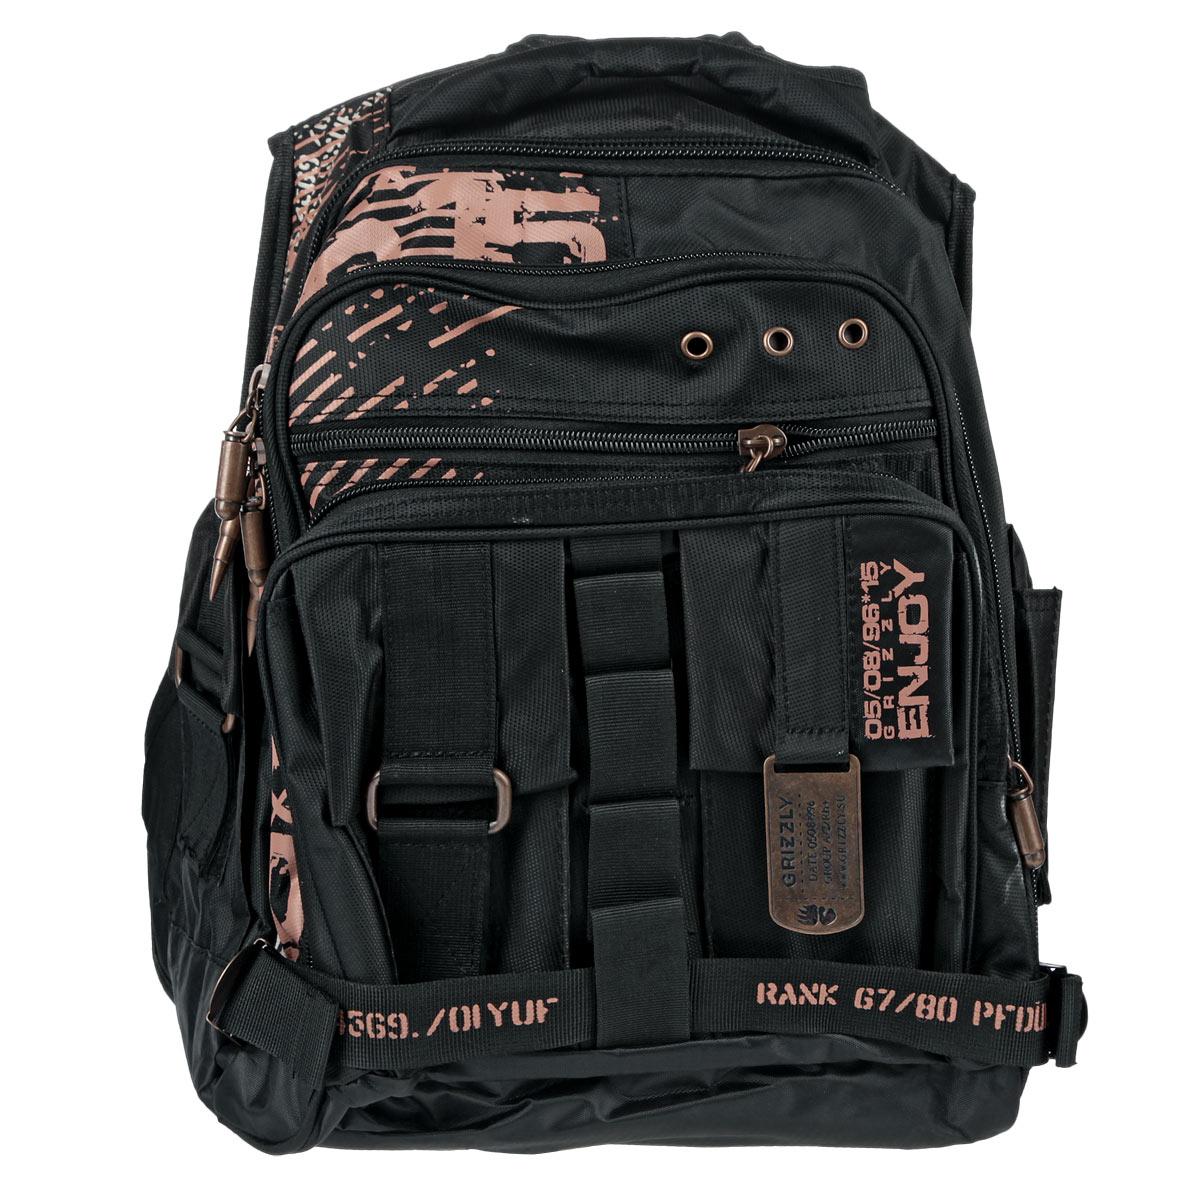 Рюкзак детский Grizzly, цвет: черный. РМ-1137РМ-1137/2Рюкзак с двумя отделениями, передними, боковыми и внутренними карманами, карманом-пеналом, с карманом на лямке для мобильного телефона, укрепленными жесткими лямками и спинкой